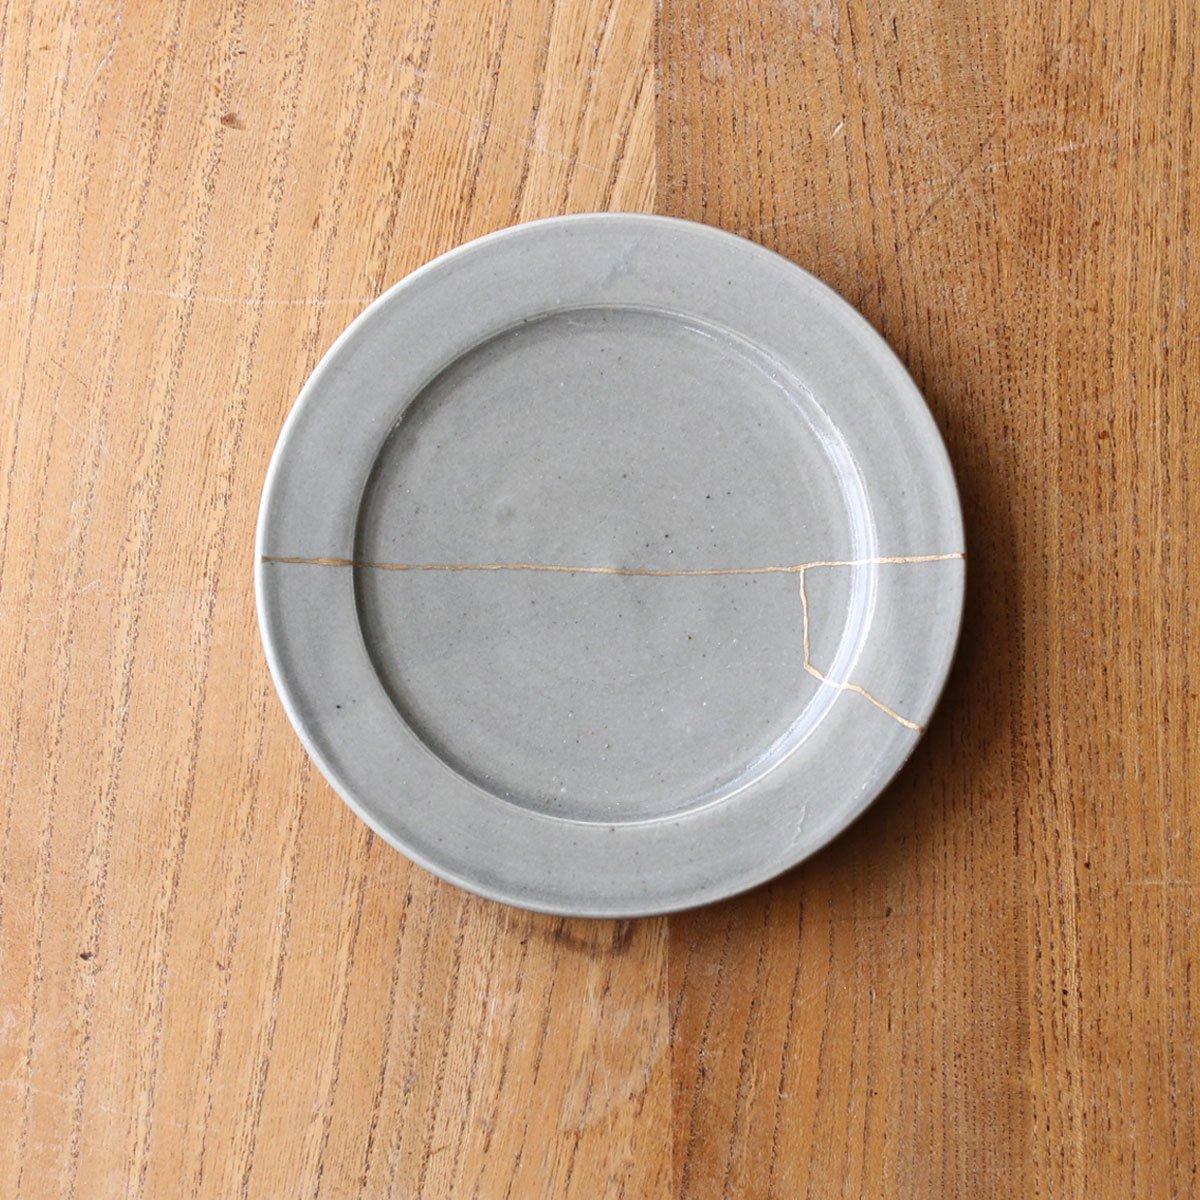 Rim plate small /gray